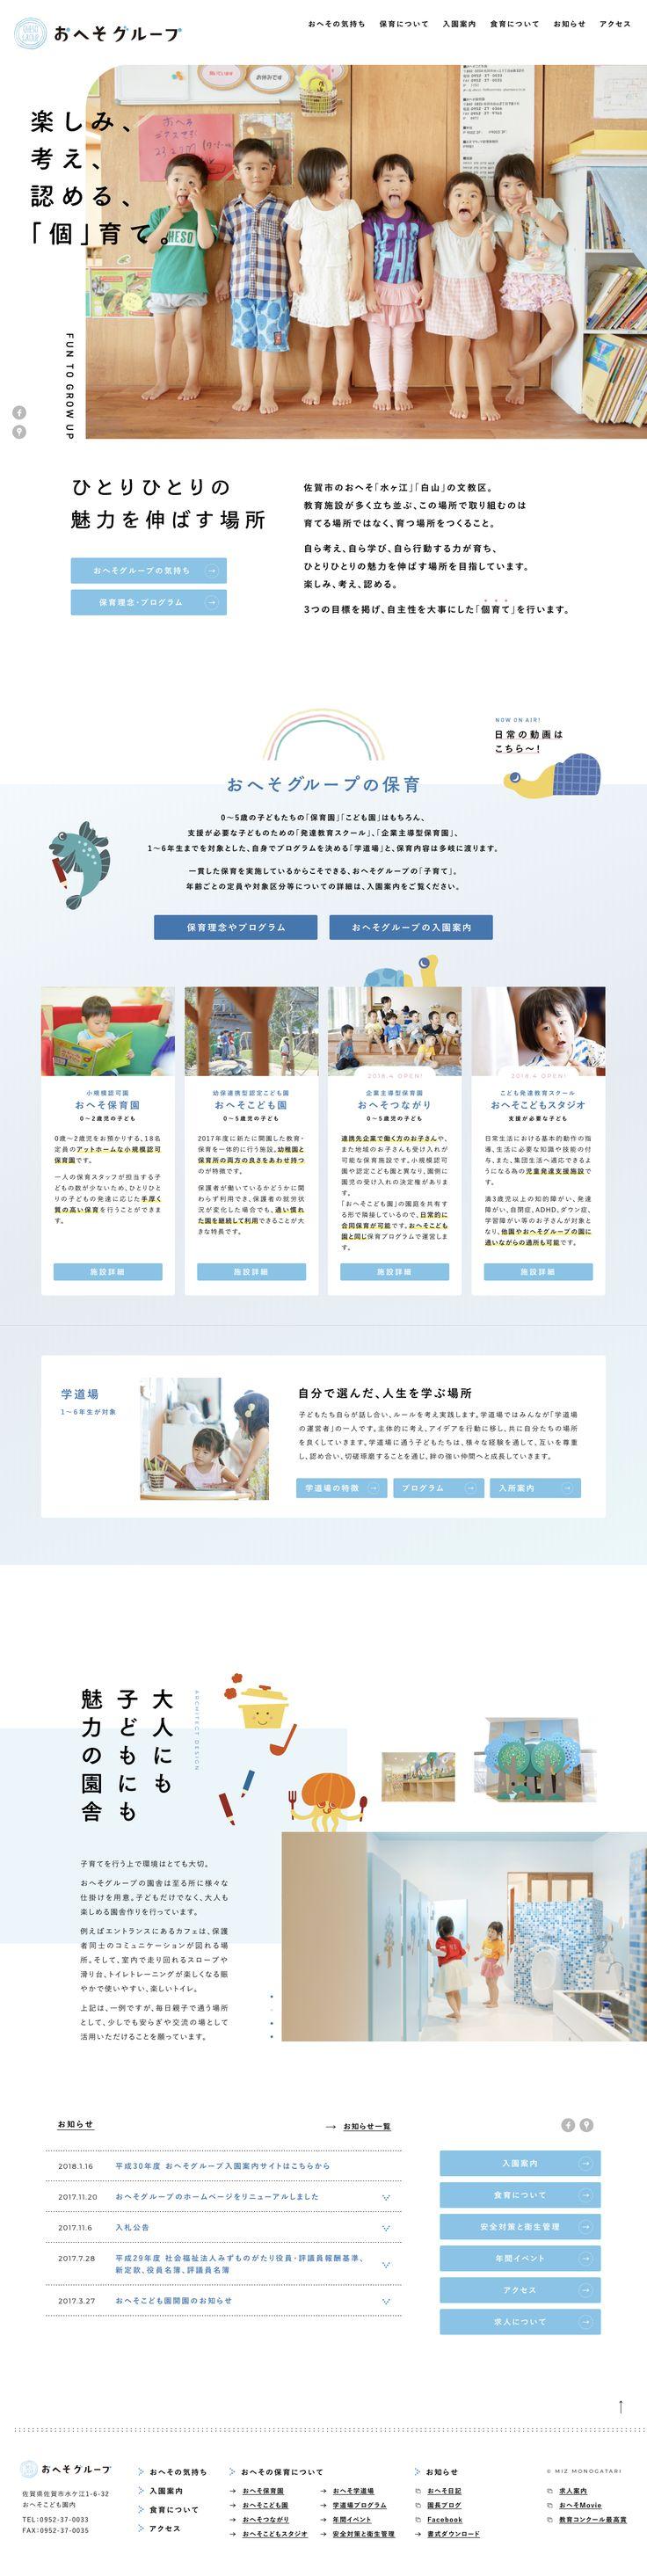 保育園のサイト。子どもの写真やイラスト、アニメーションをたくさん使っていて楽しそうな雰囲気 色合いが綺麗